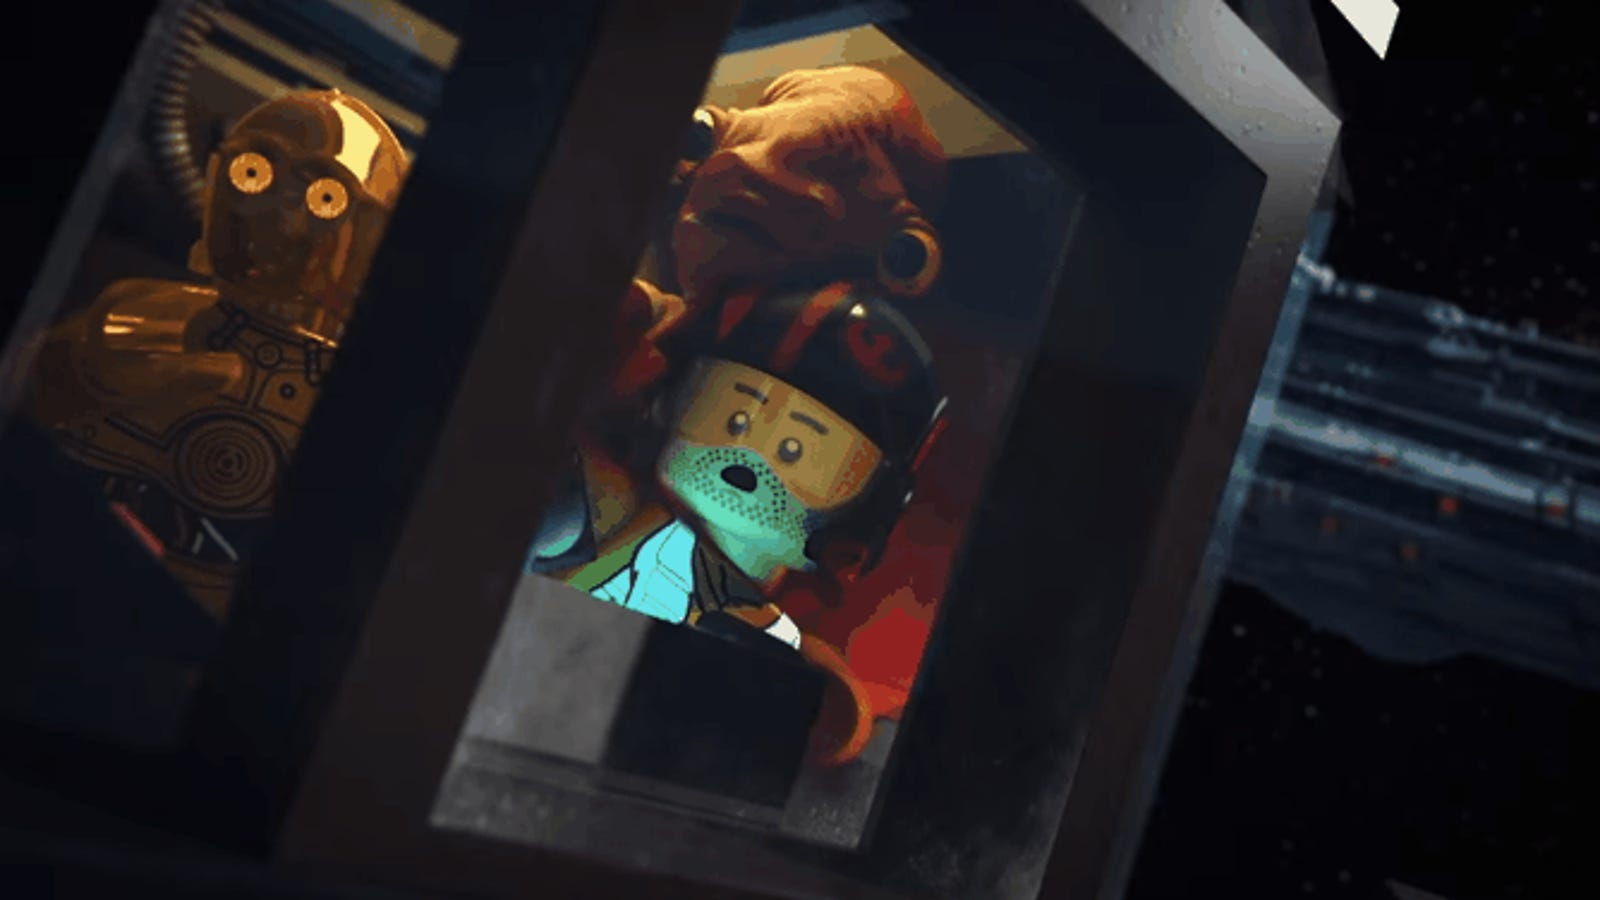 Poe Dameron salva a la Resistencia en este genial corto de Star Wars animado en Lego